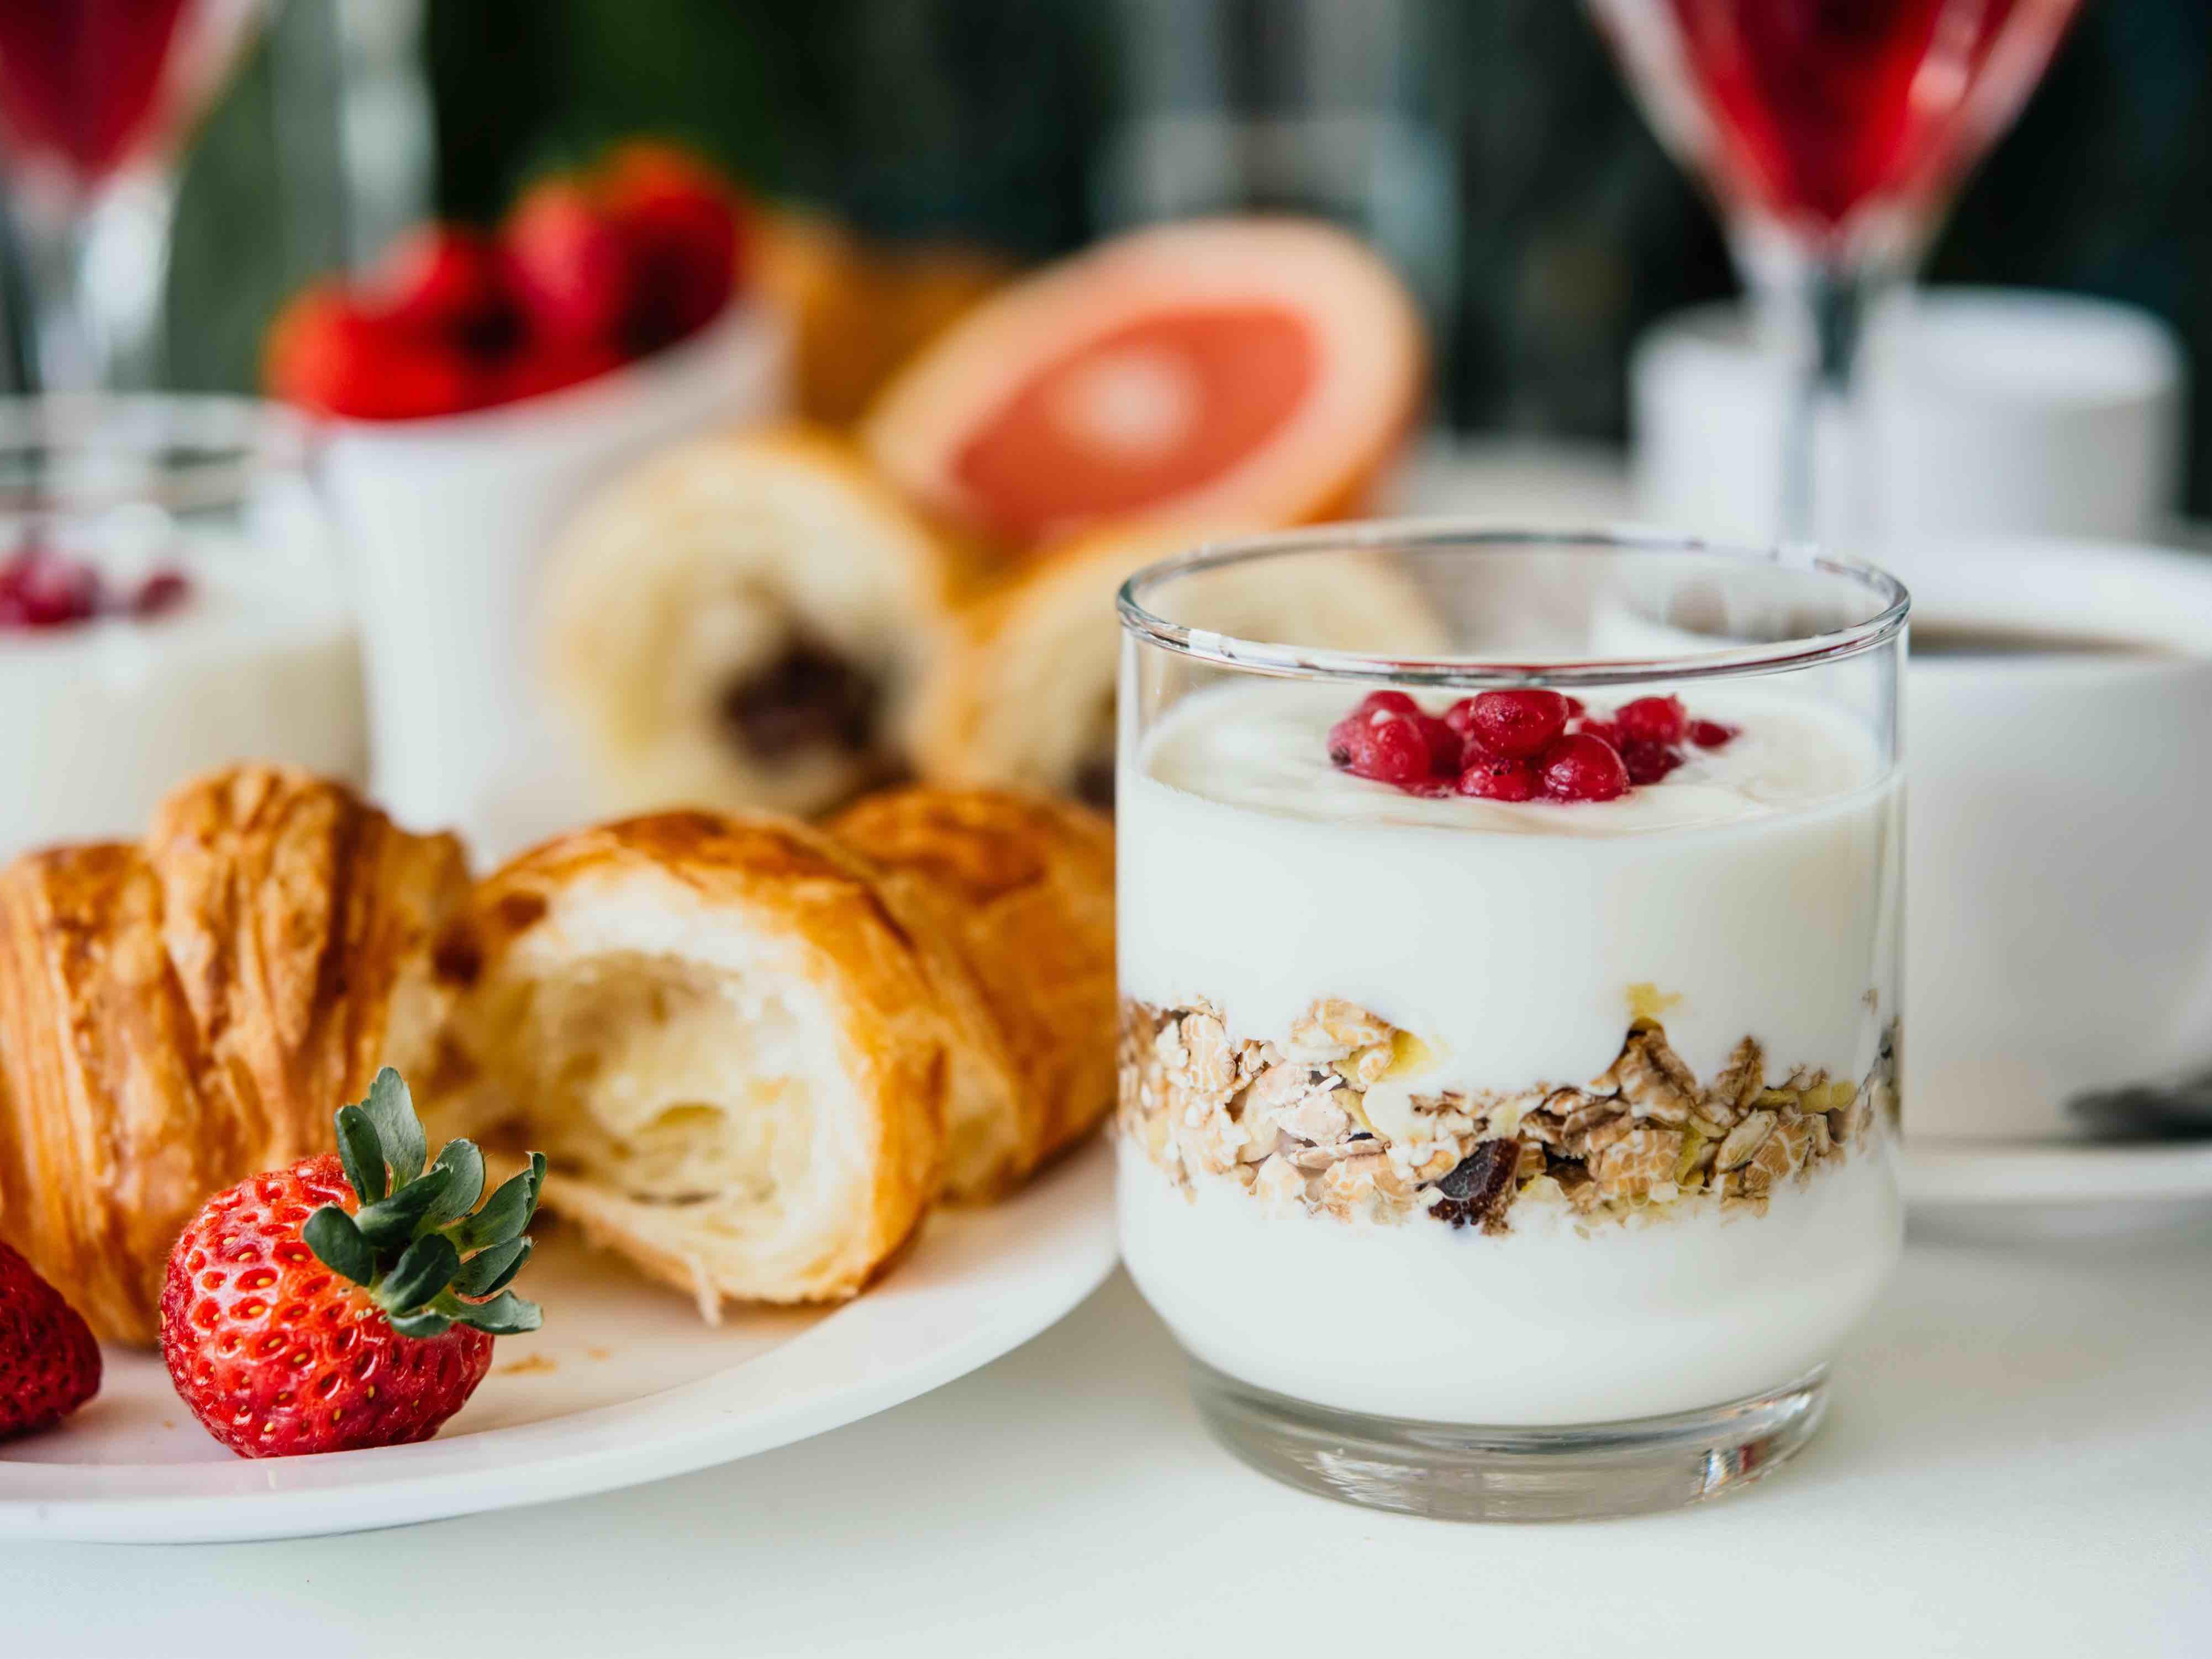 parfait and croissants